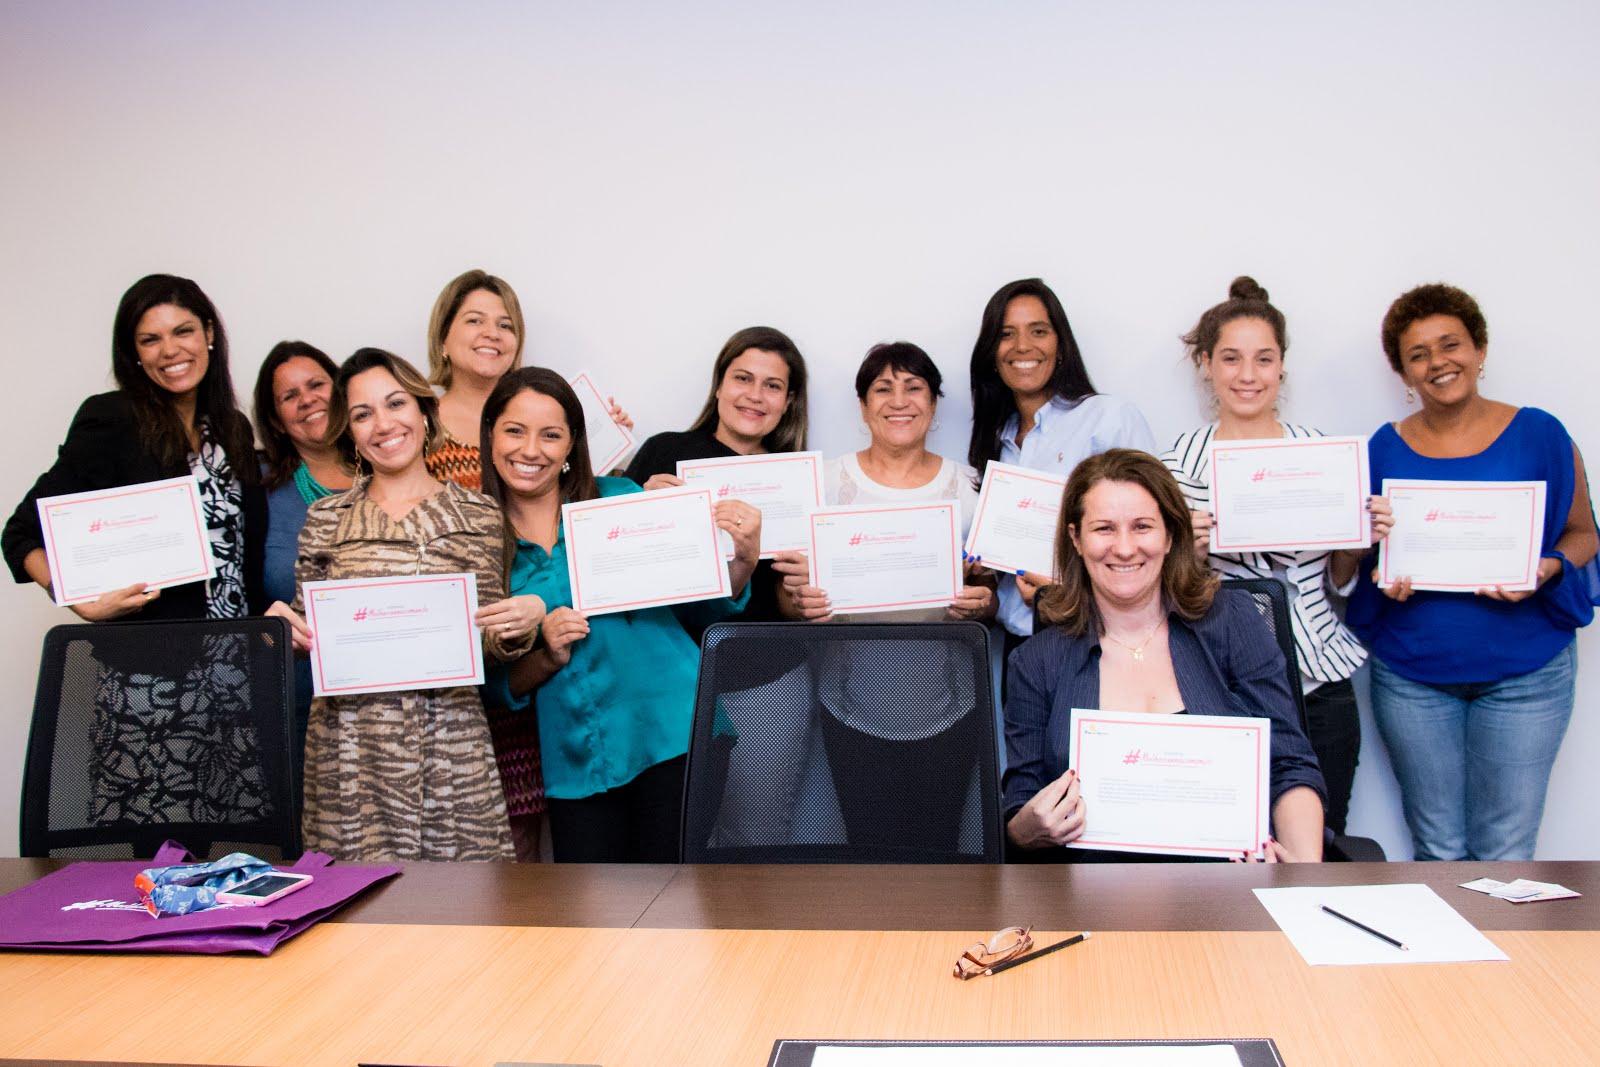 Turma #mulheresnocomando iOffices